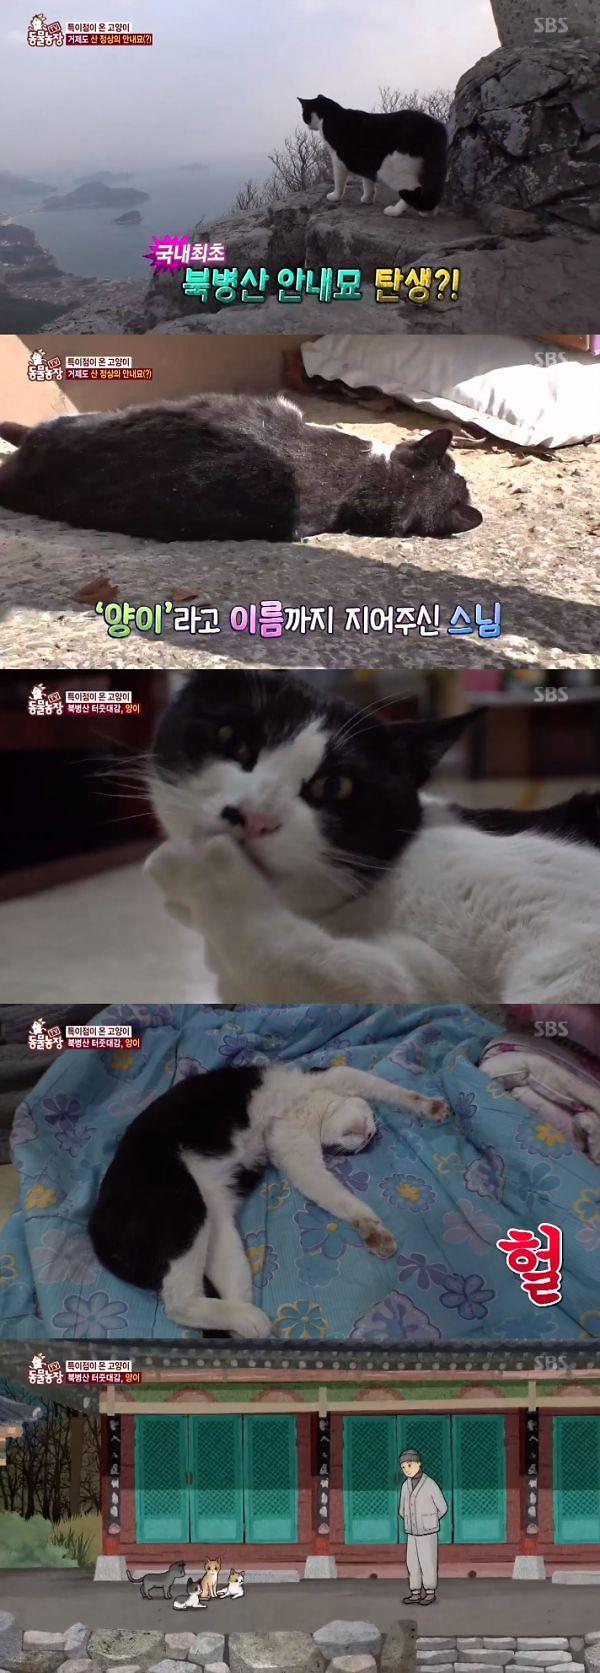 동물농장 북병산 고양이 양이 화제…북병산은 어디?